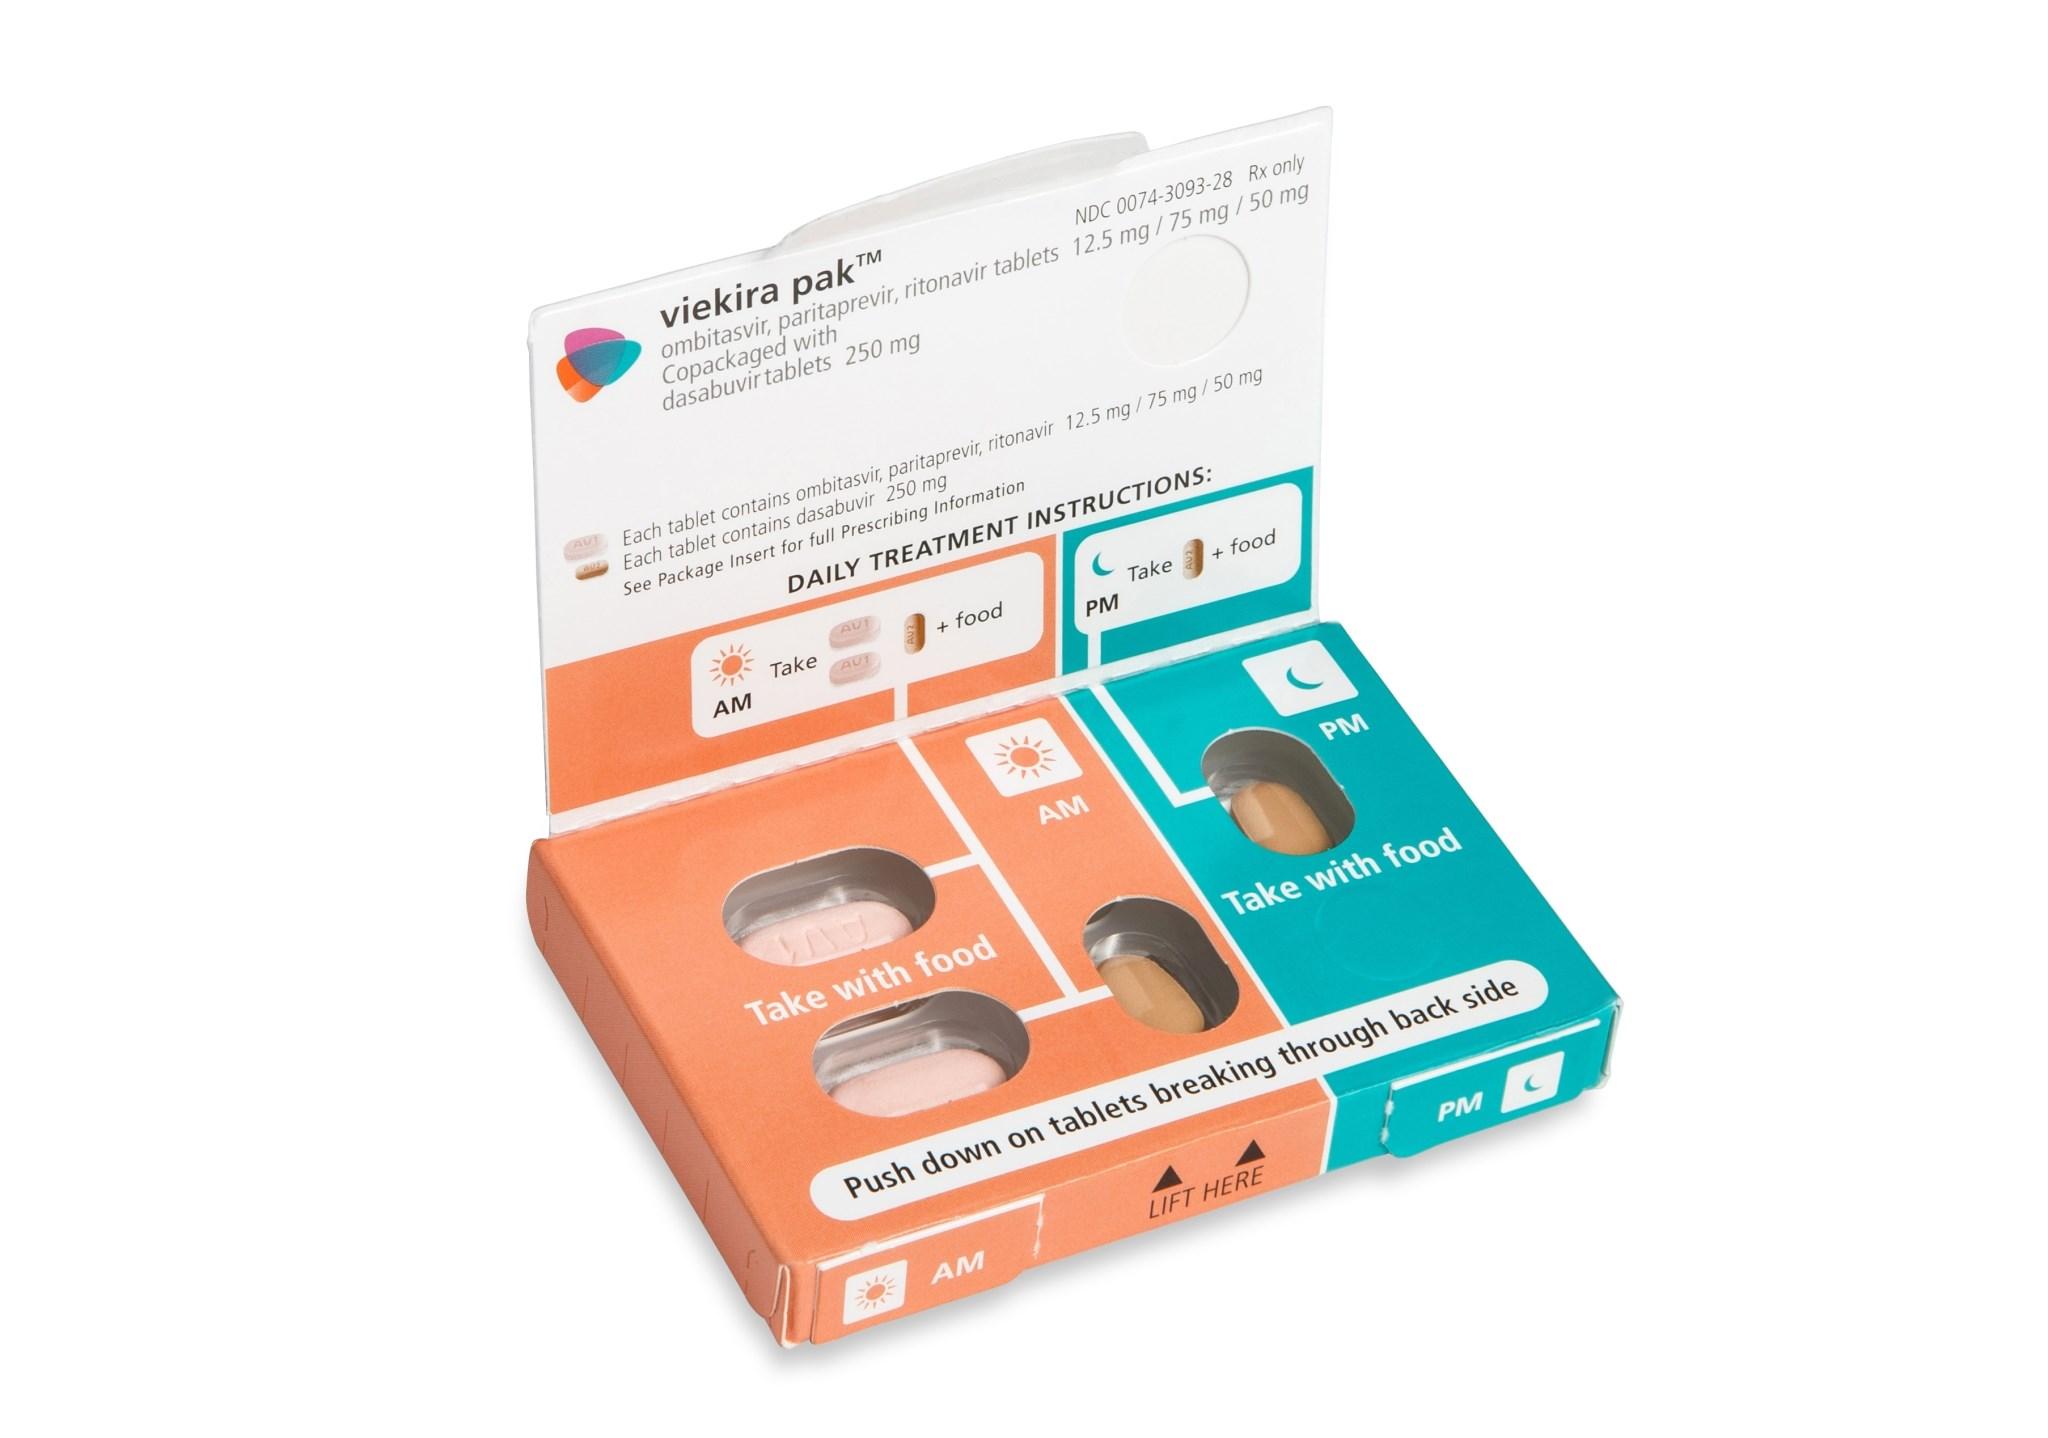 Viekira Pak daily dose pack